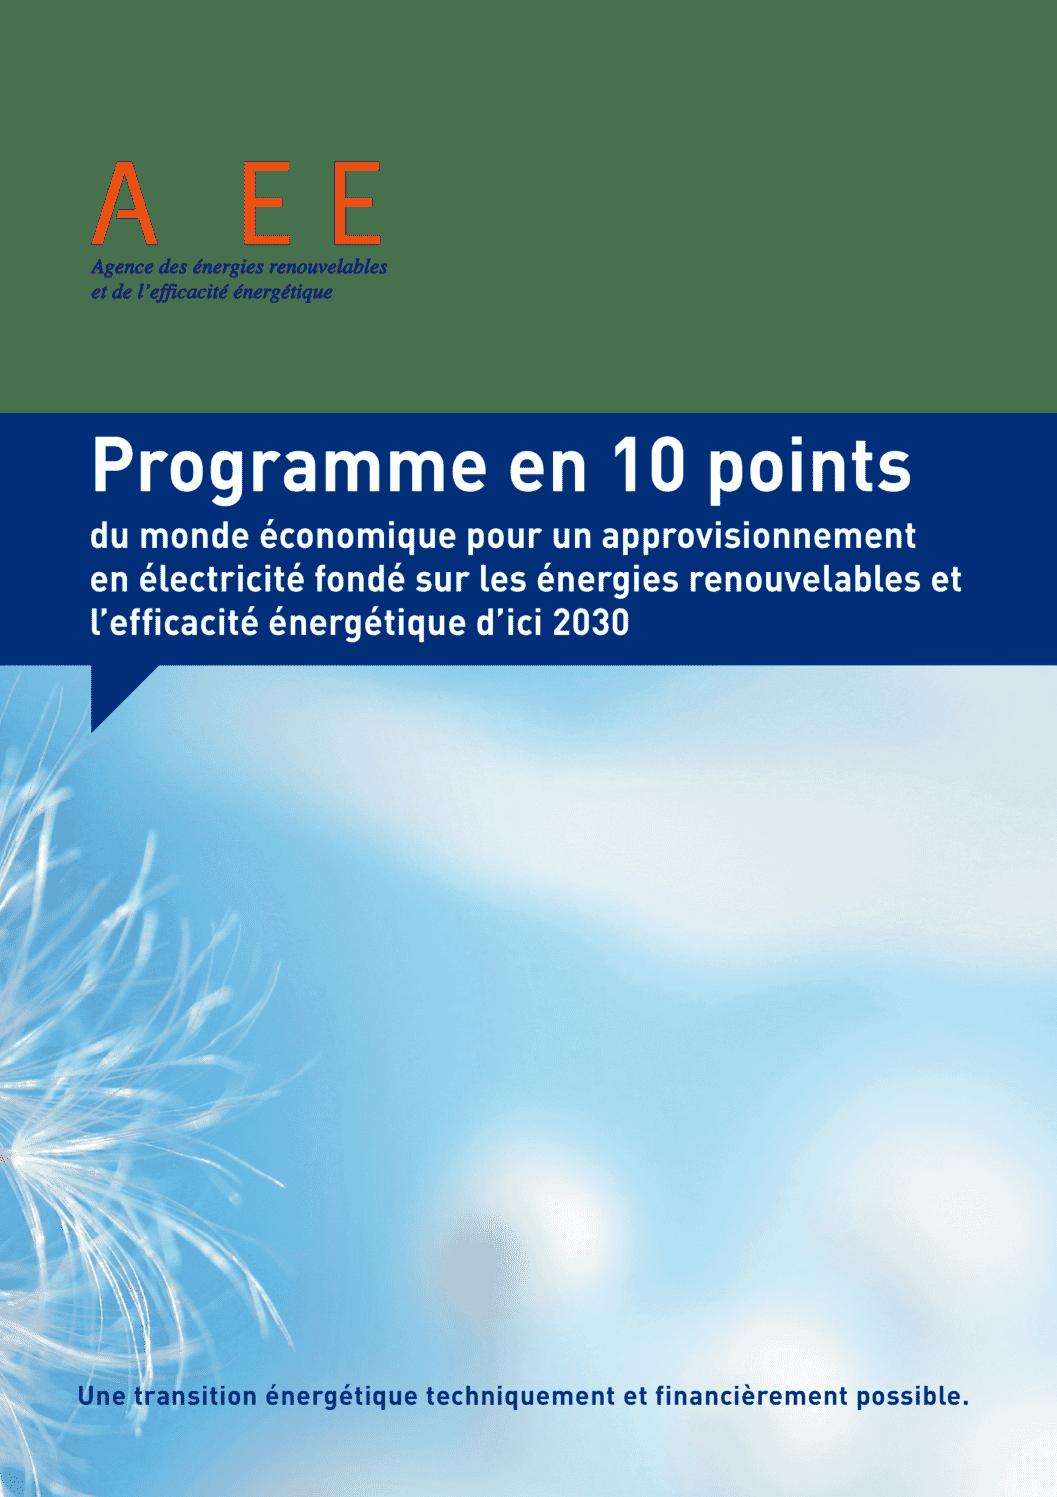 aee suisse Brochure 10 Points